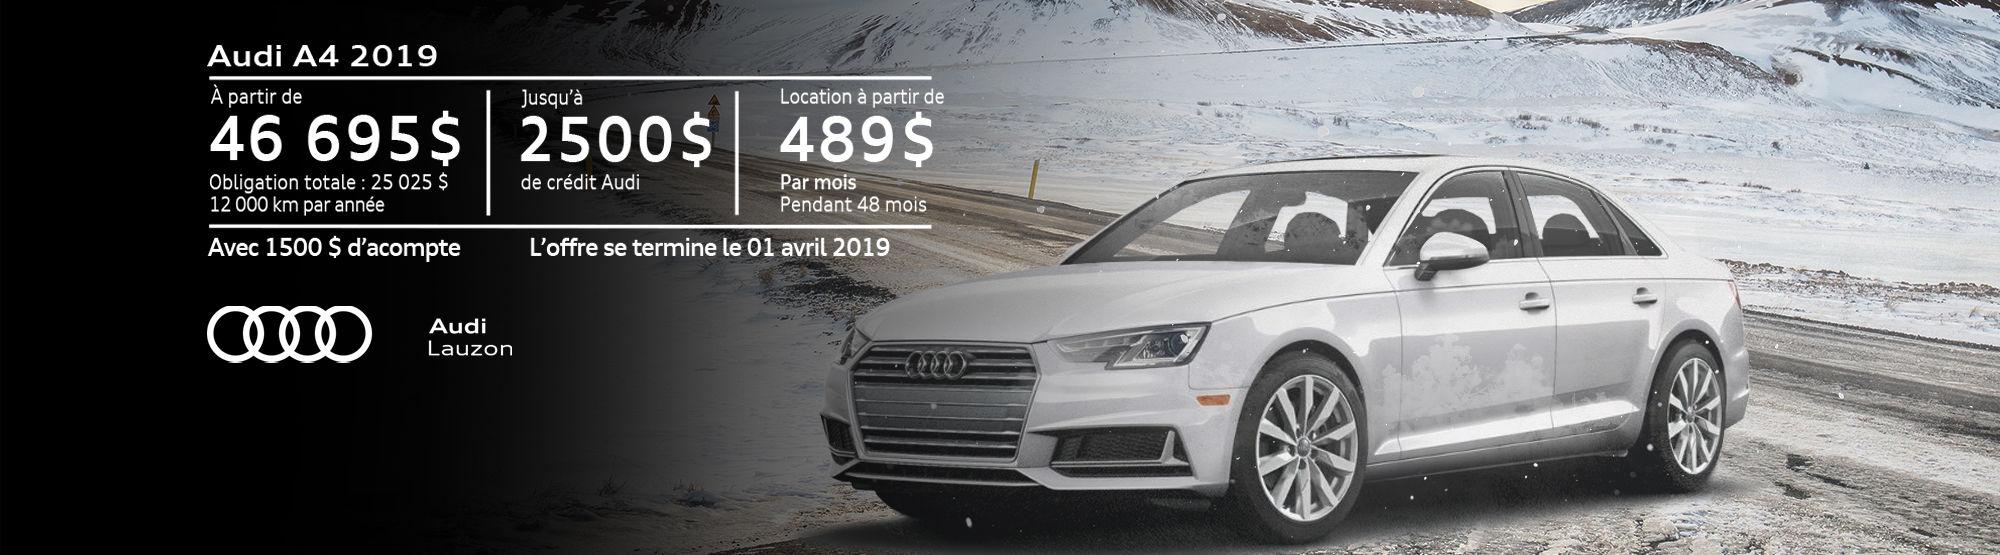 Audi A4 mars 2019